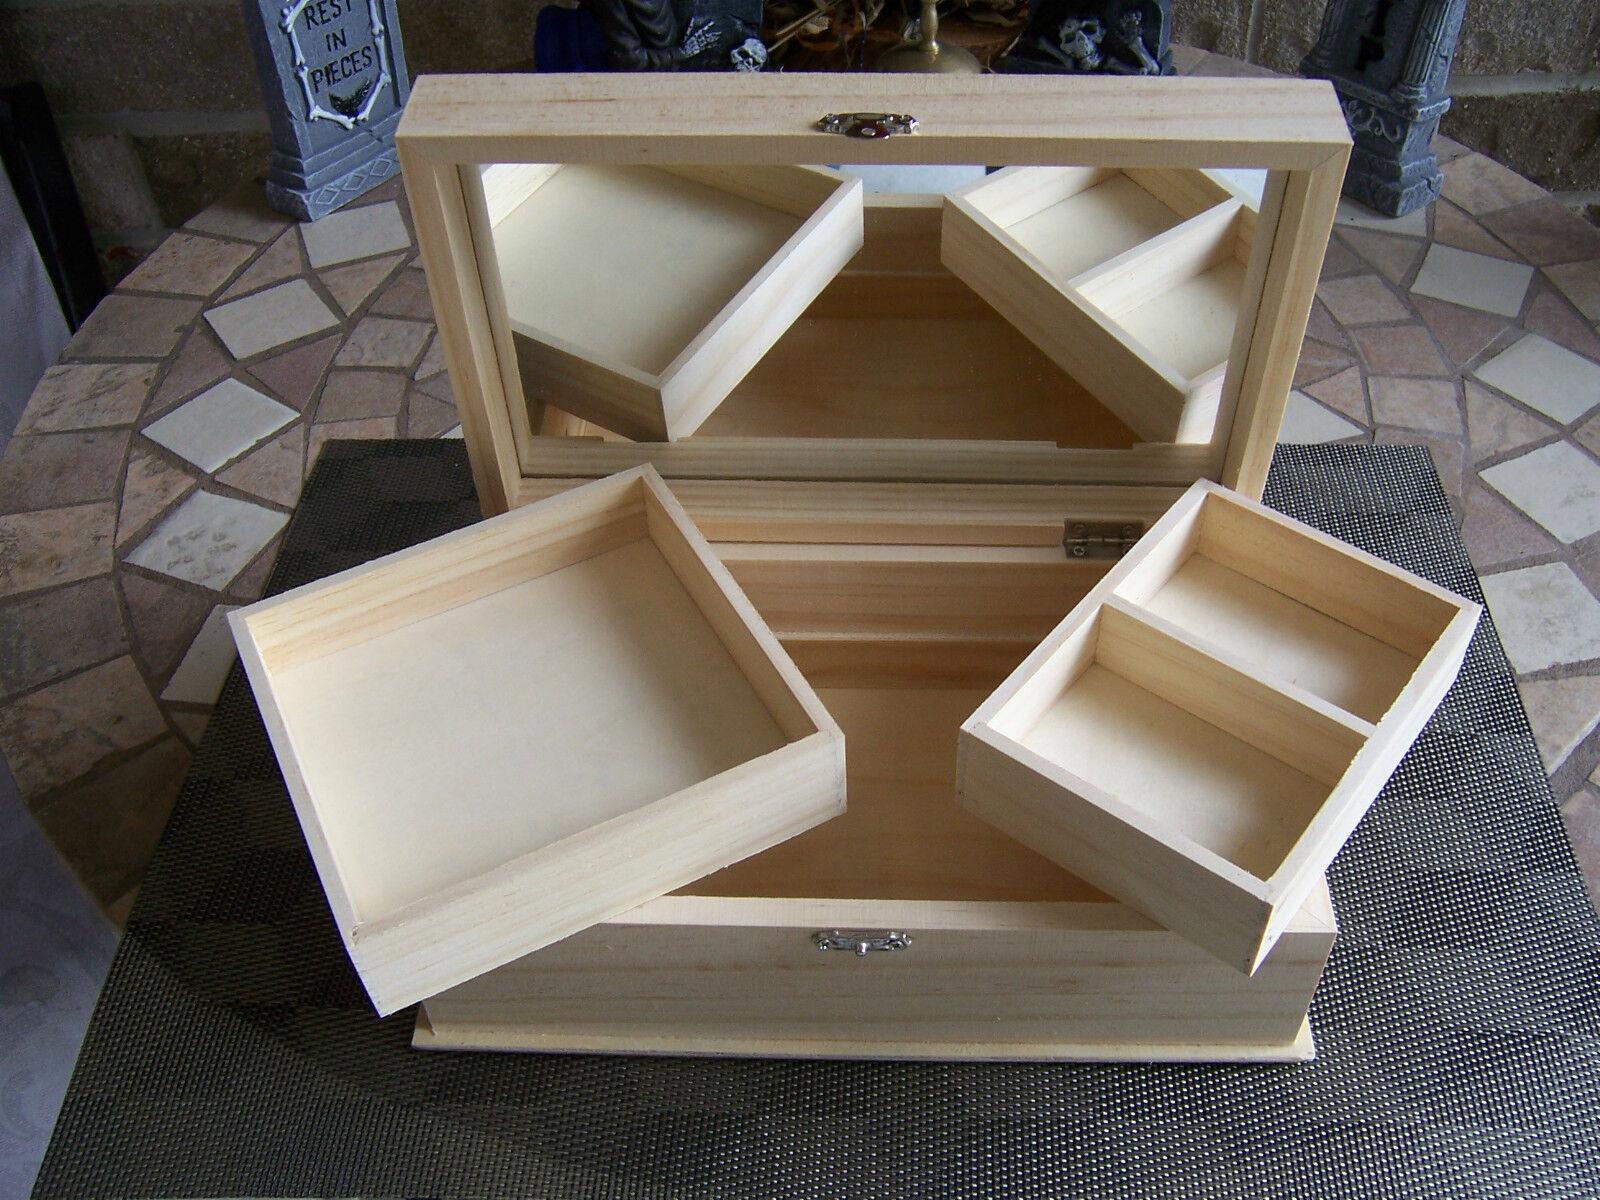 Unfinished wood craft boxes - Unfinished Wood Box 1 Unfinished Large Wood Craft Jewelry Trinket Storage Box Pet 9 X 5 14